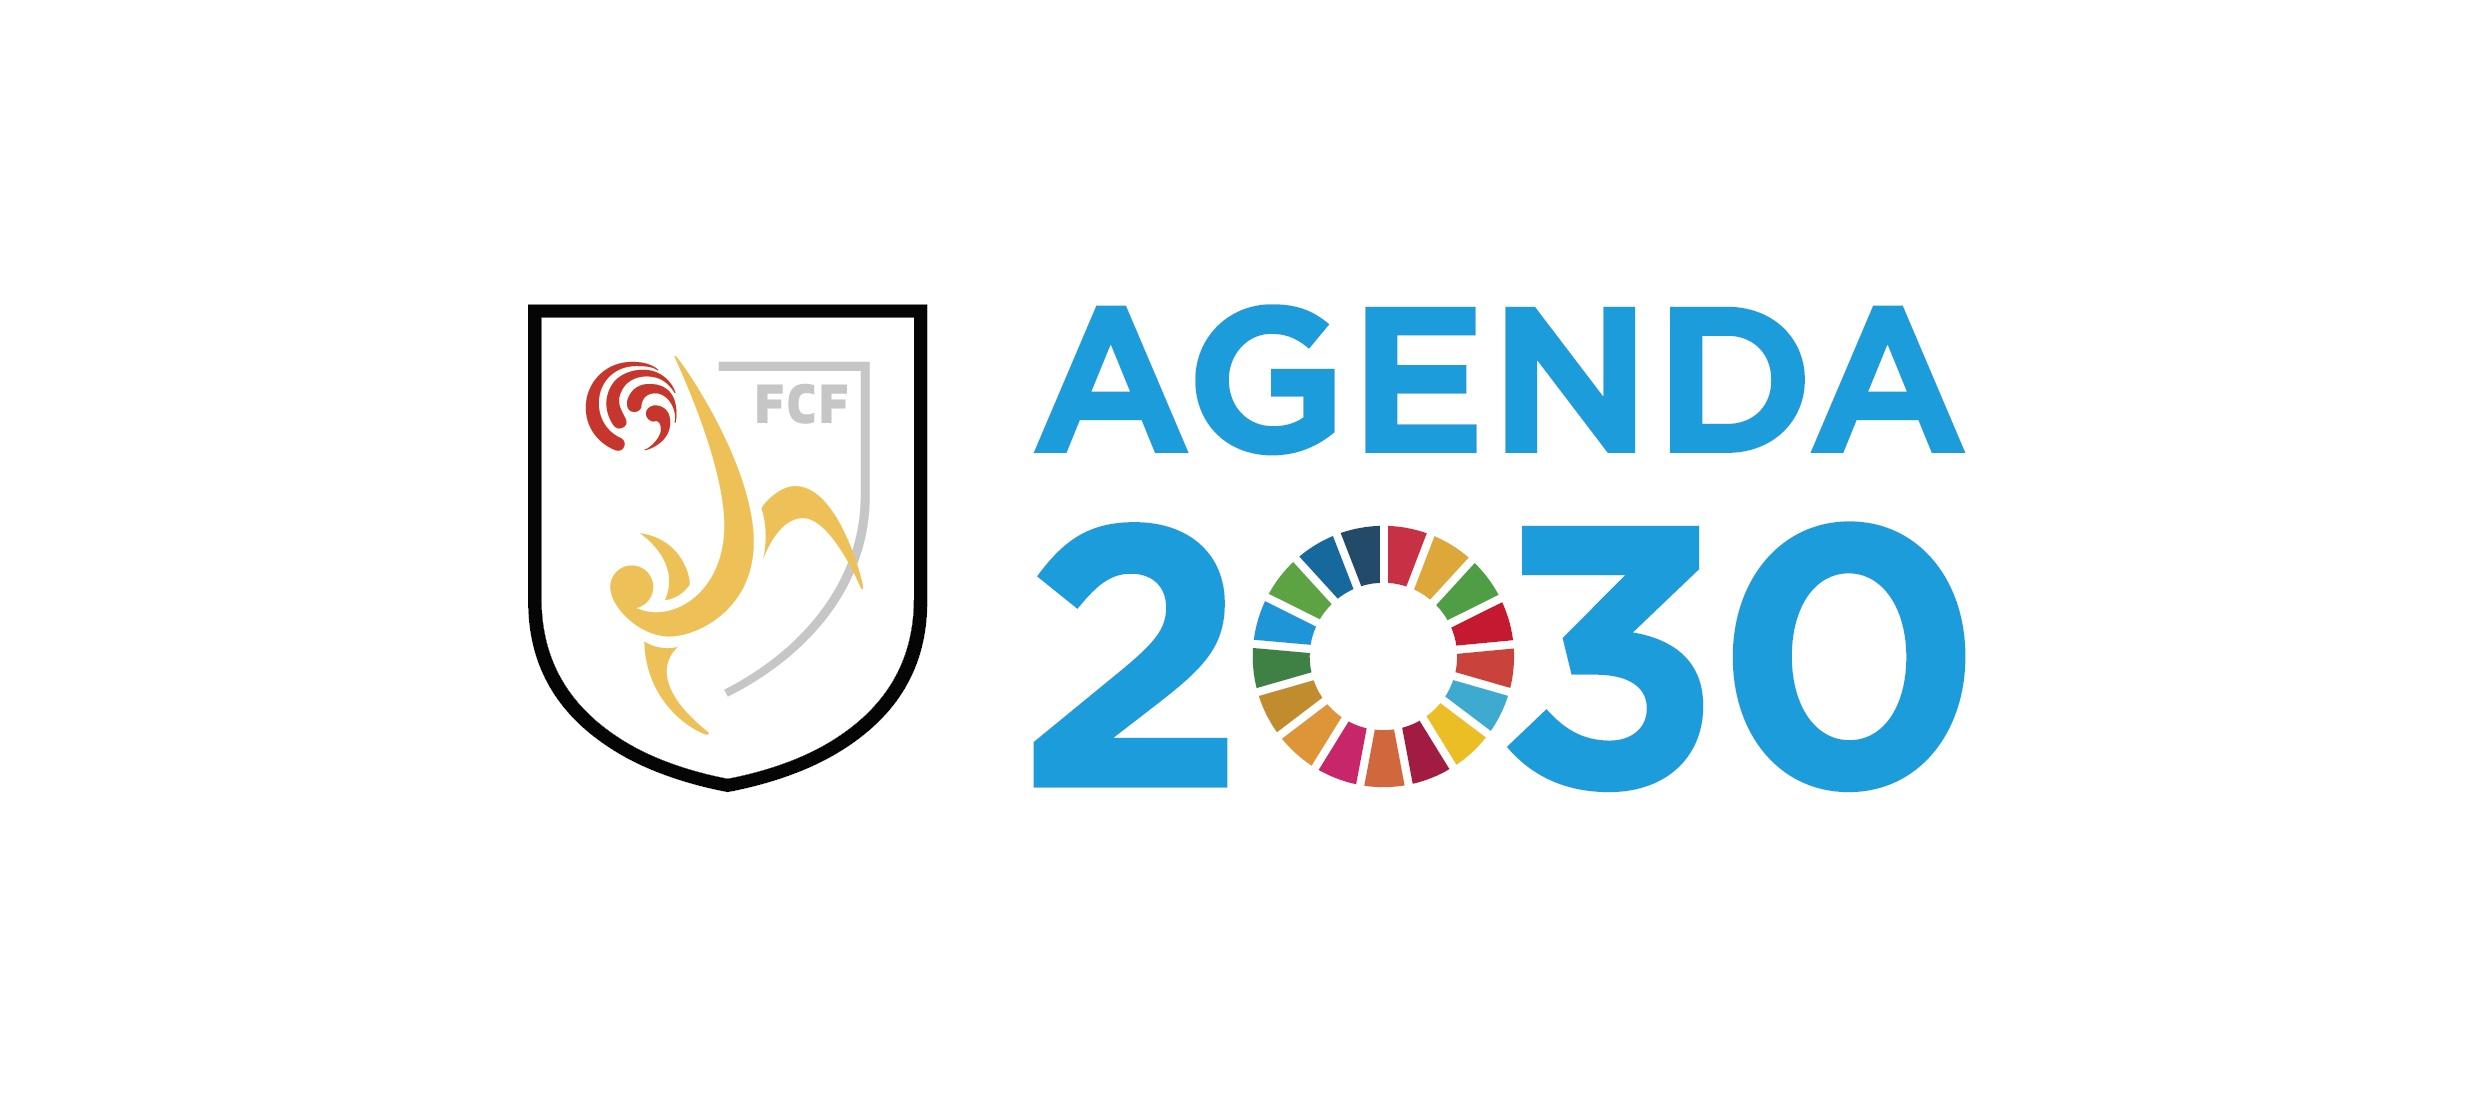 L'FCF es compromet amb els Objectius de  Desenvolupament Sostenible i l'Agenda 2030